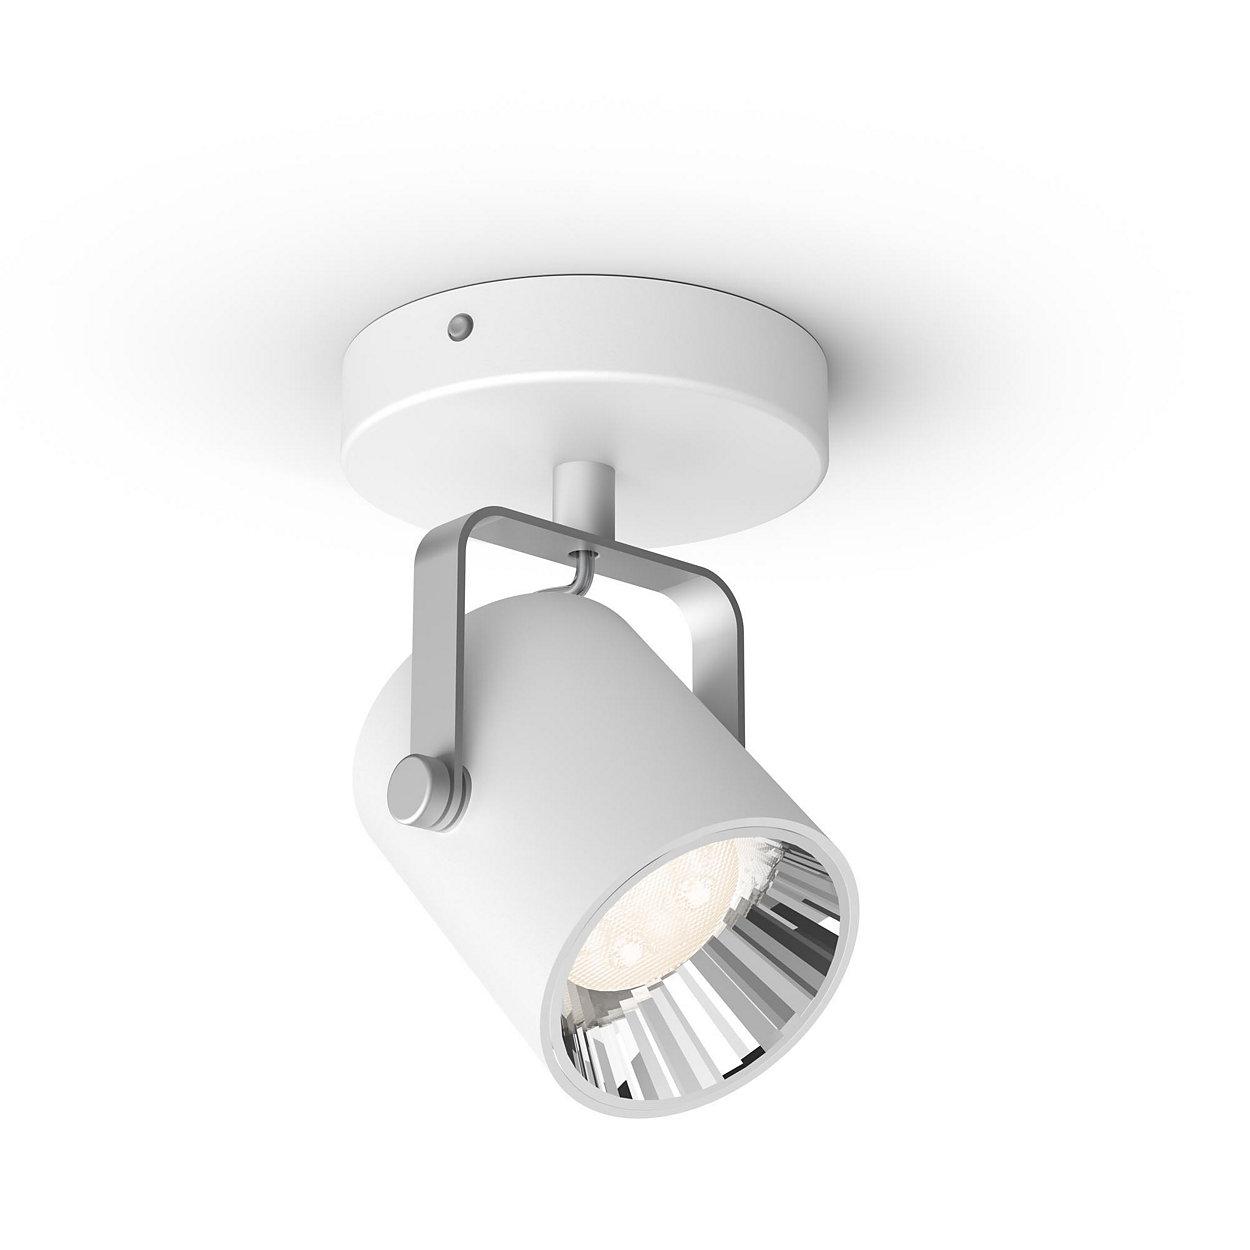 Una lámpara. El interruptor de siempre. Tres ajustes de luz.